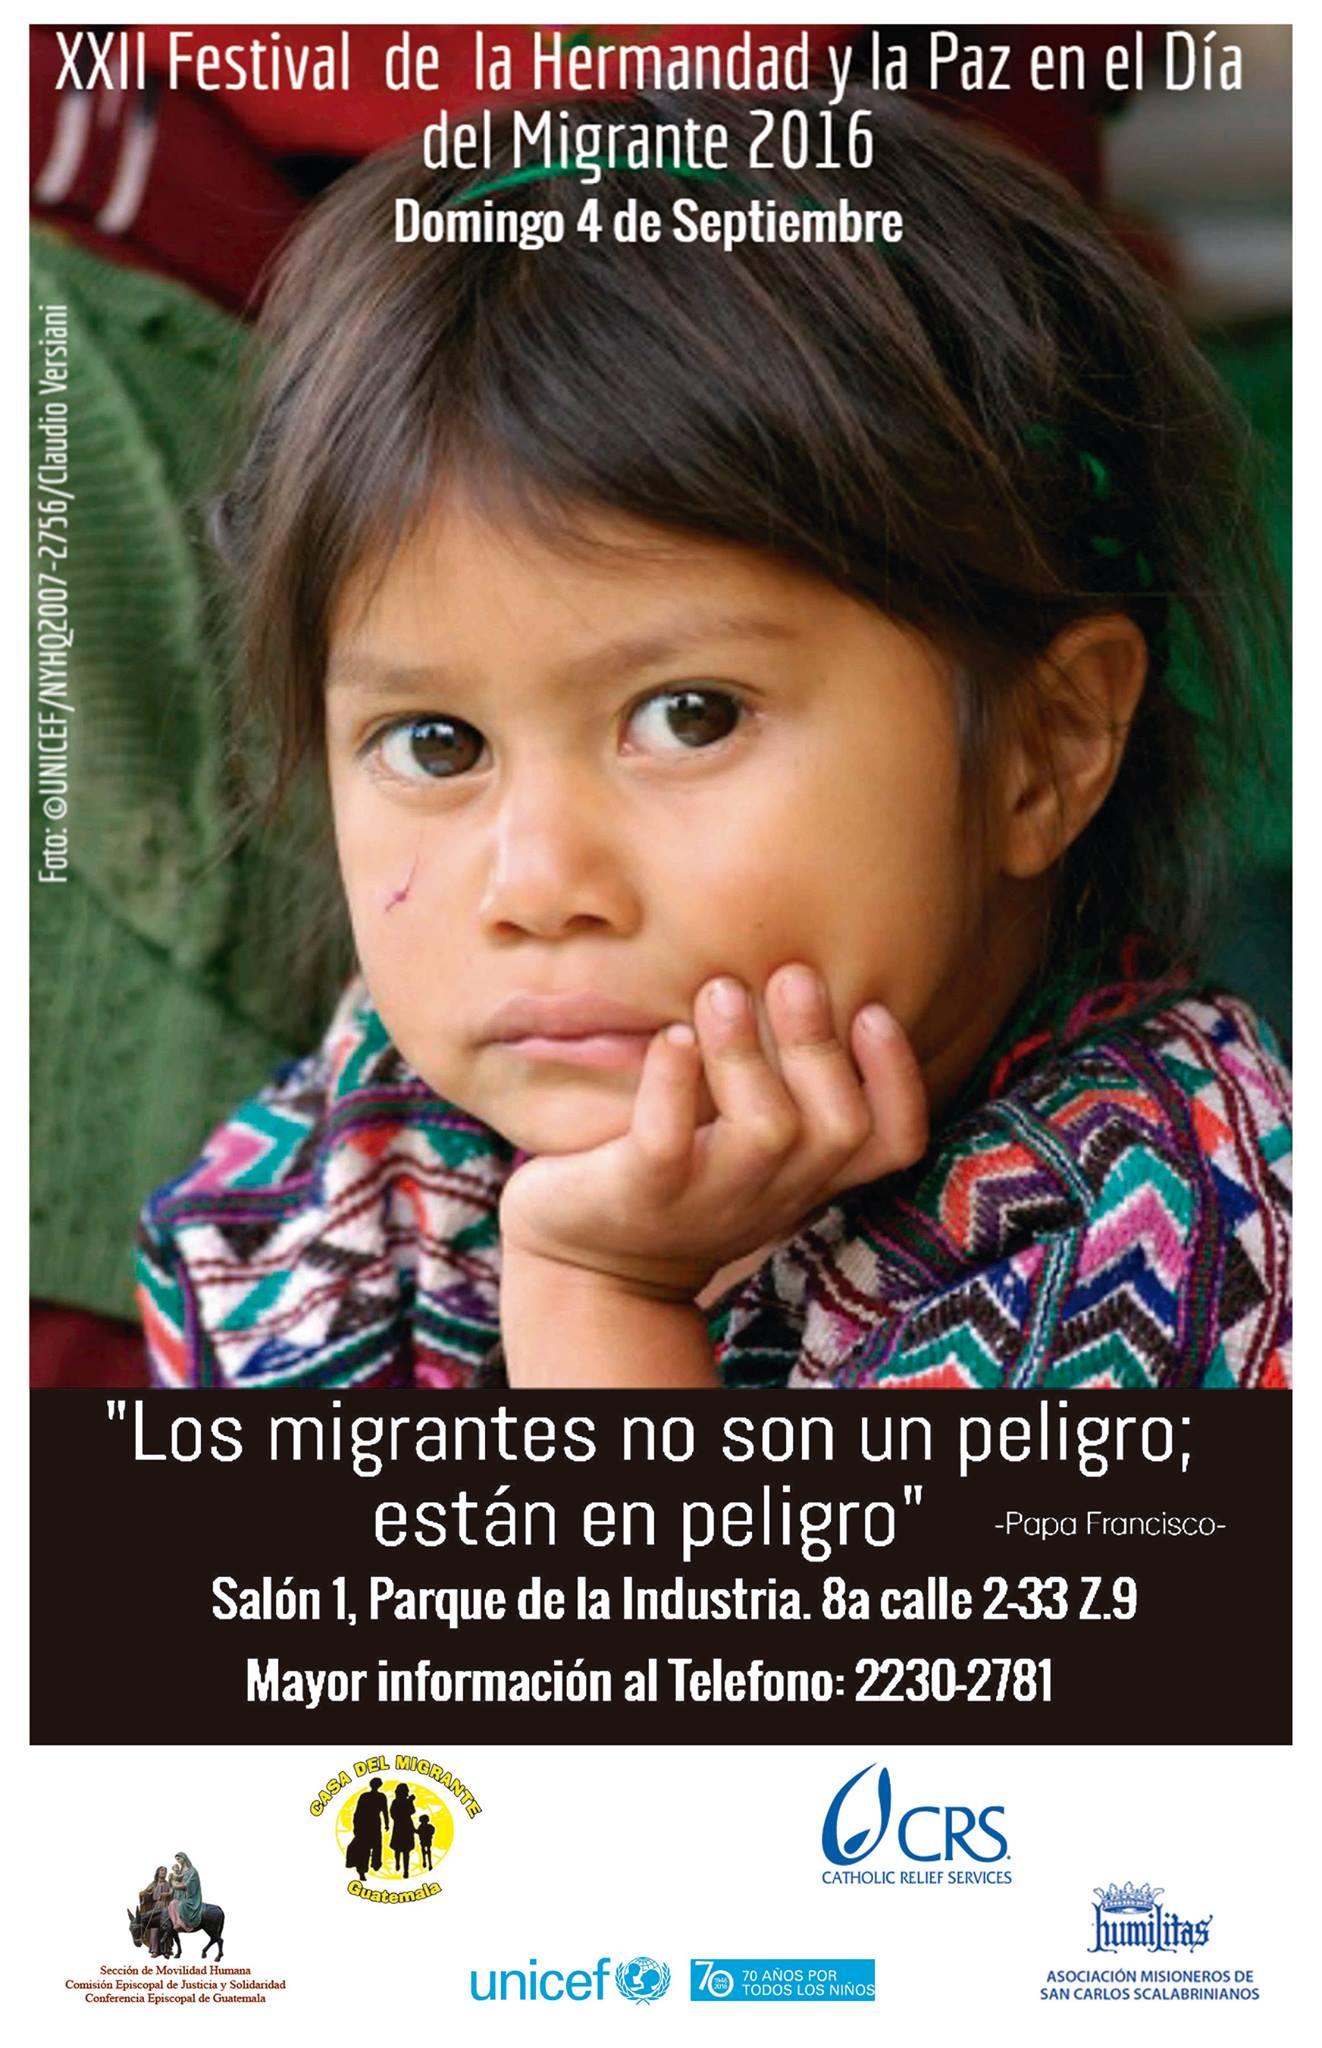 Festival del día del migrante